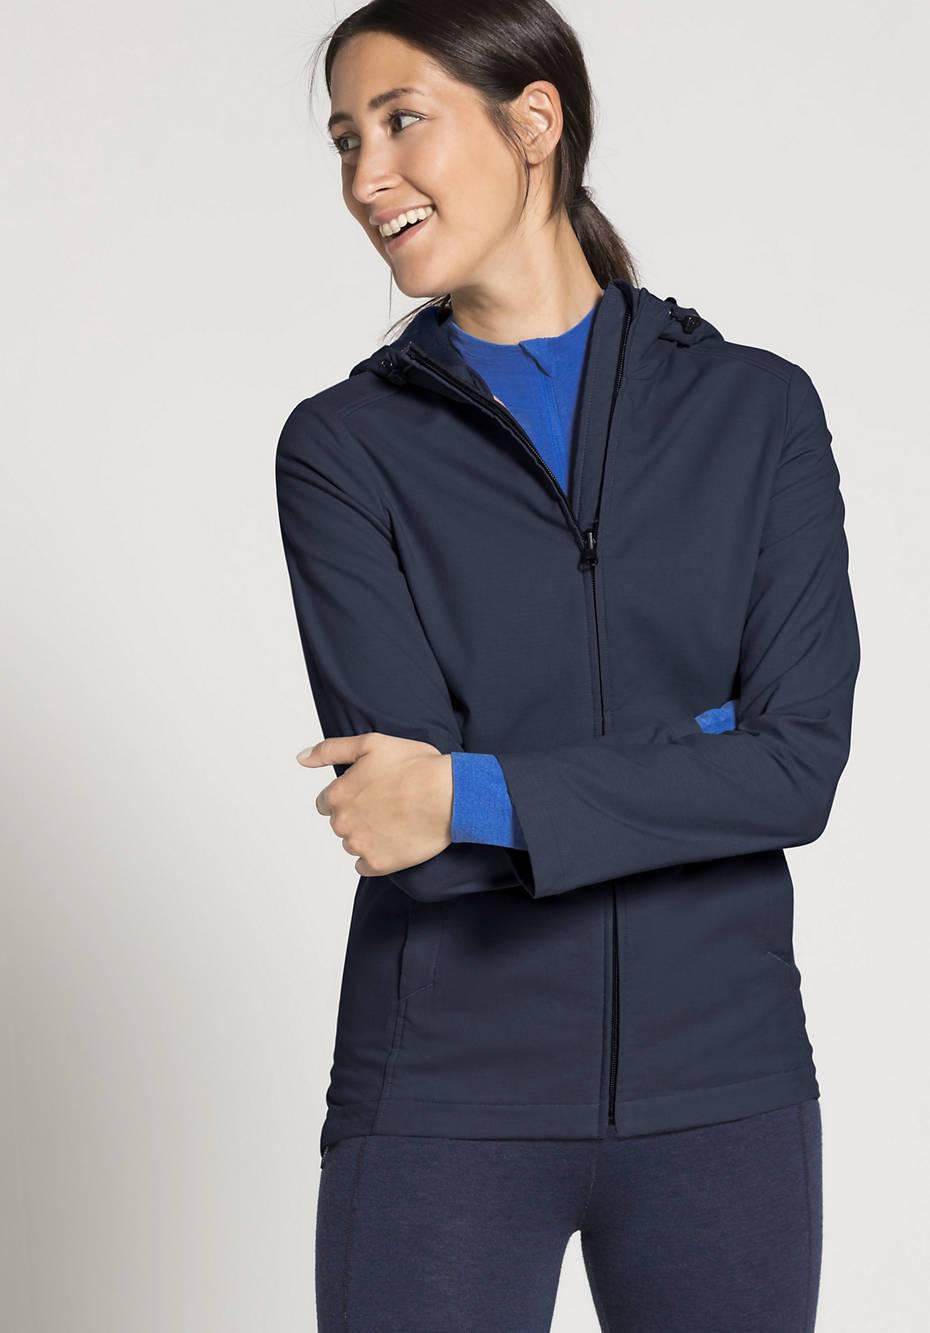 Damen Softshell-Jacke aus reiner Bio-Baumwolle